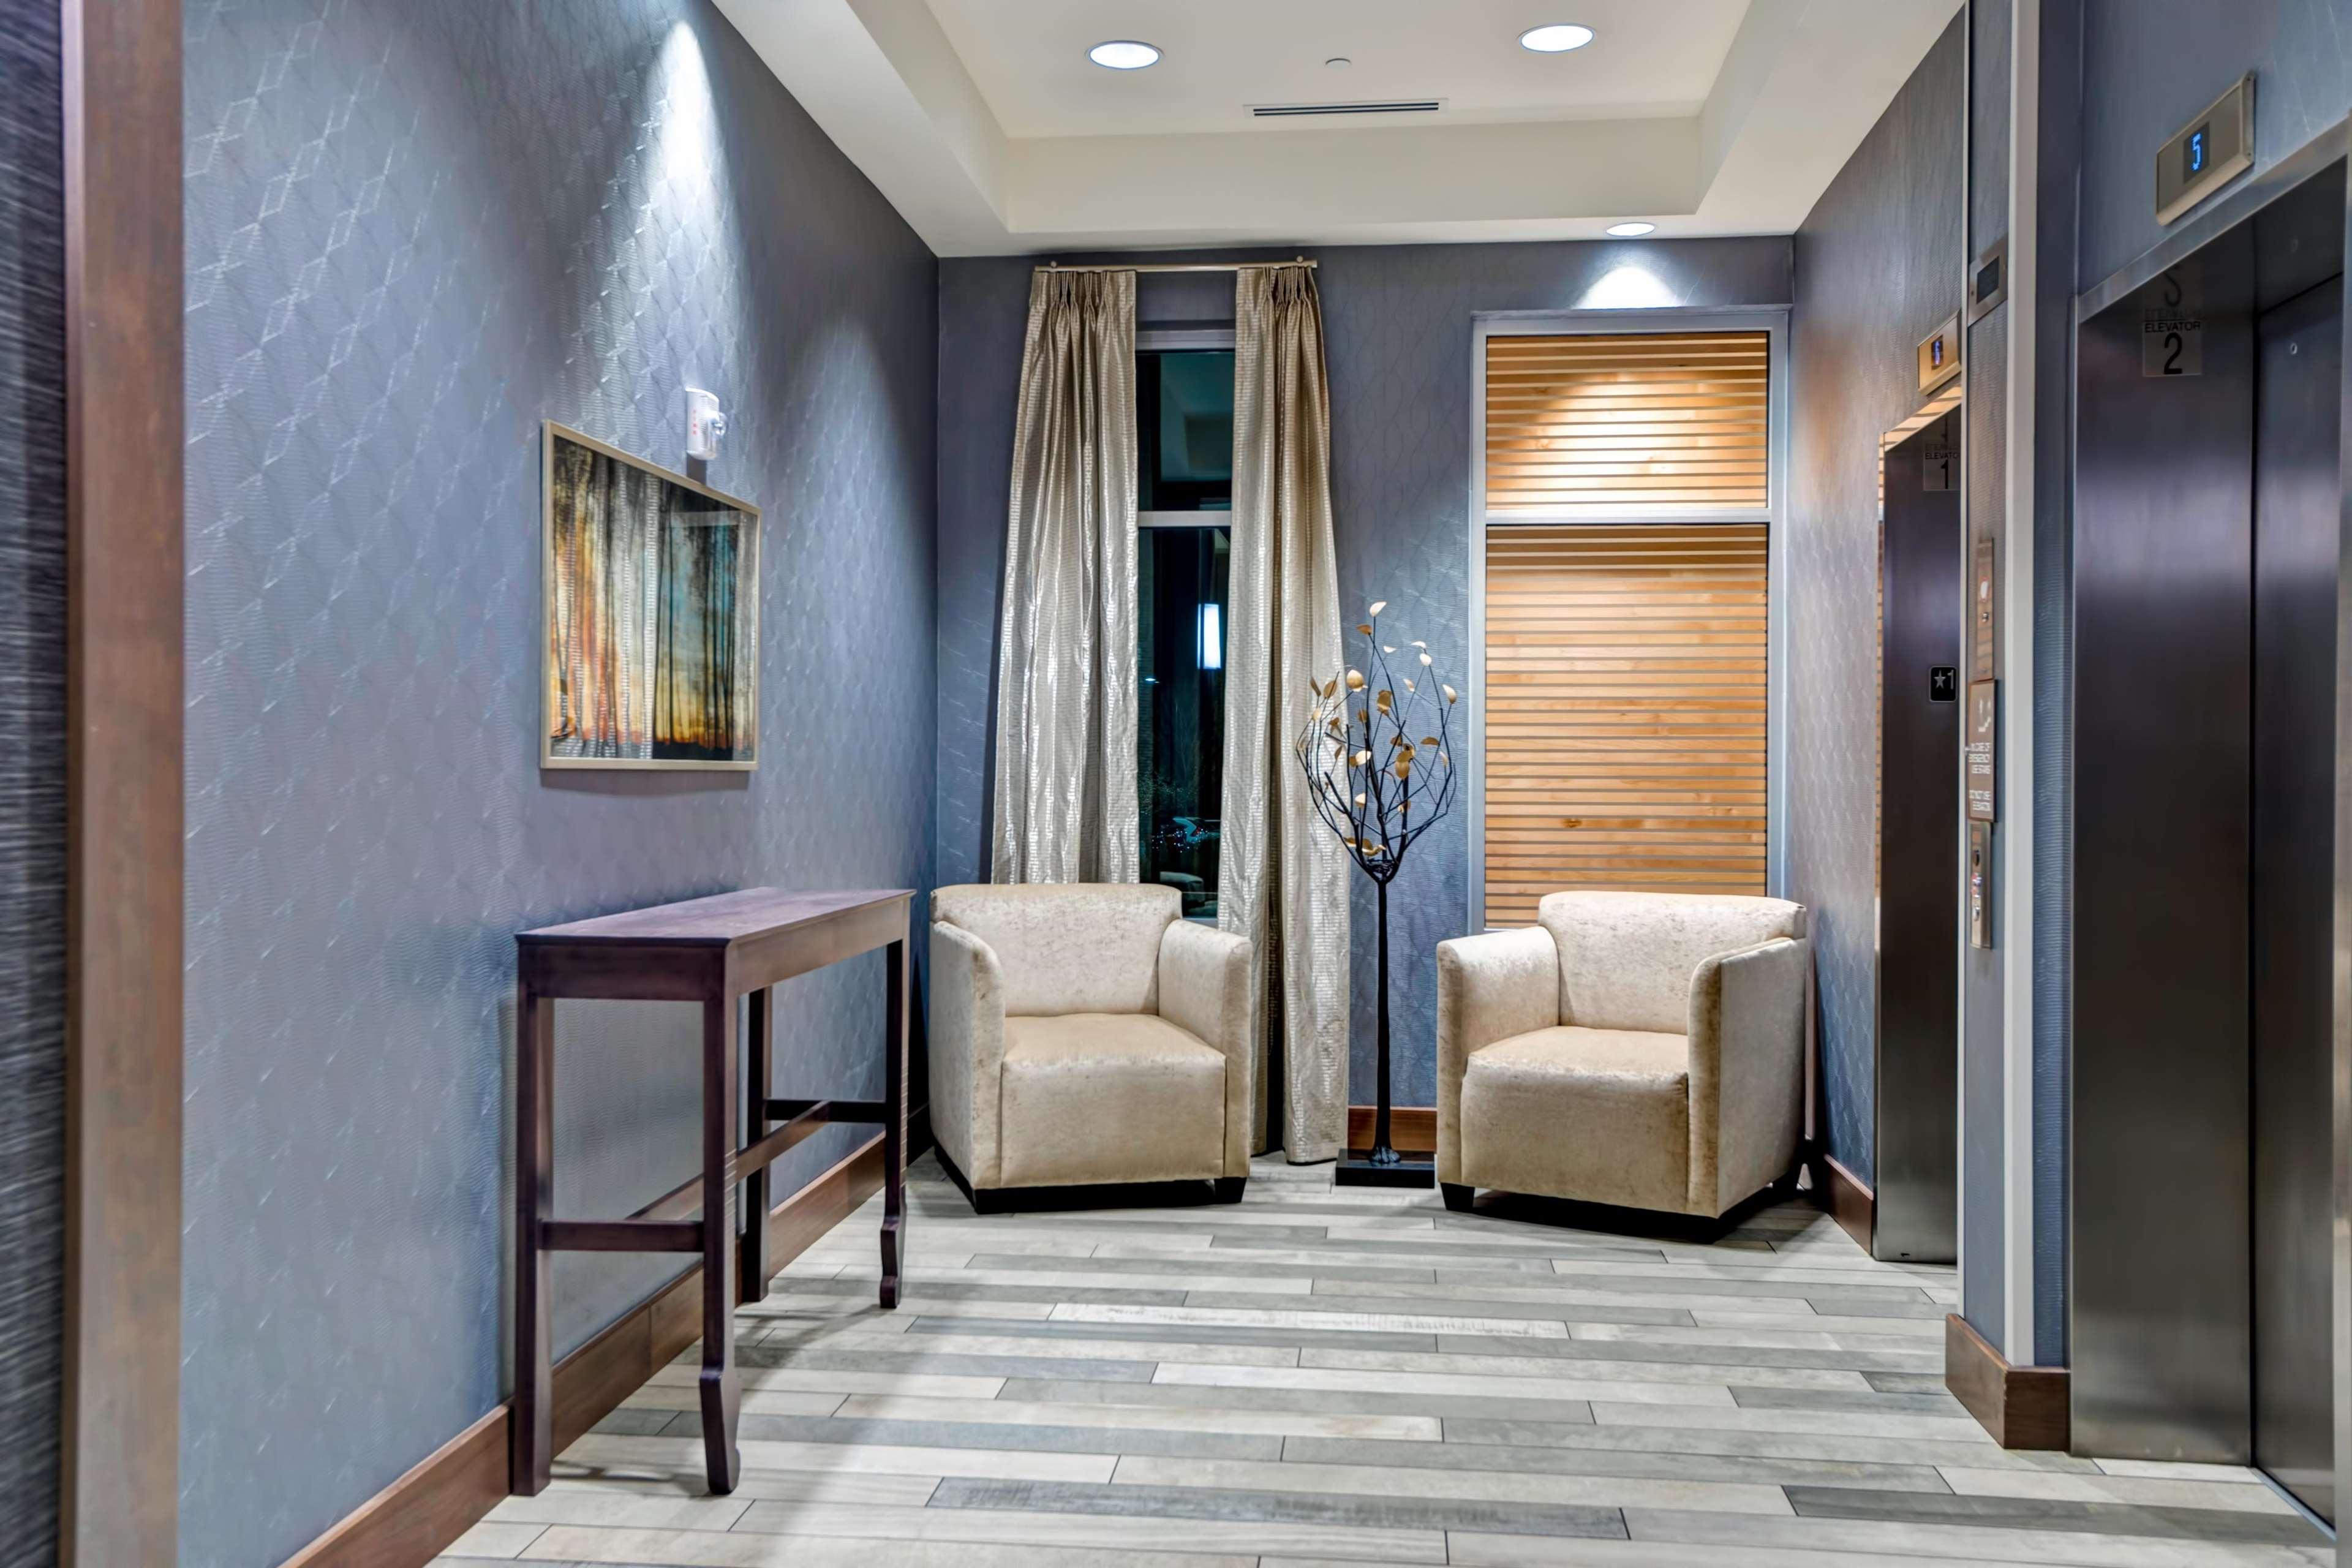 Homewood Suites by Hilton Nashville Franklin Cool Springs image 49